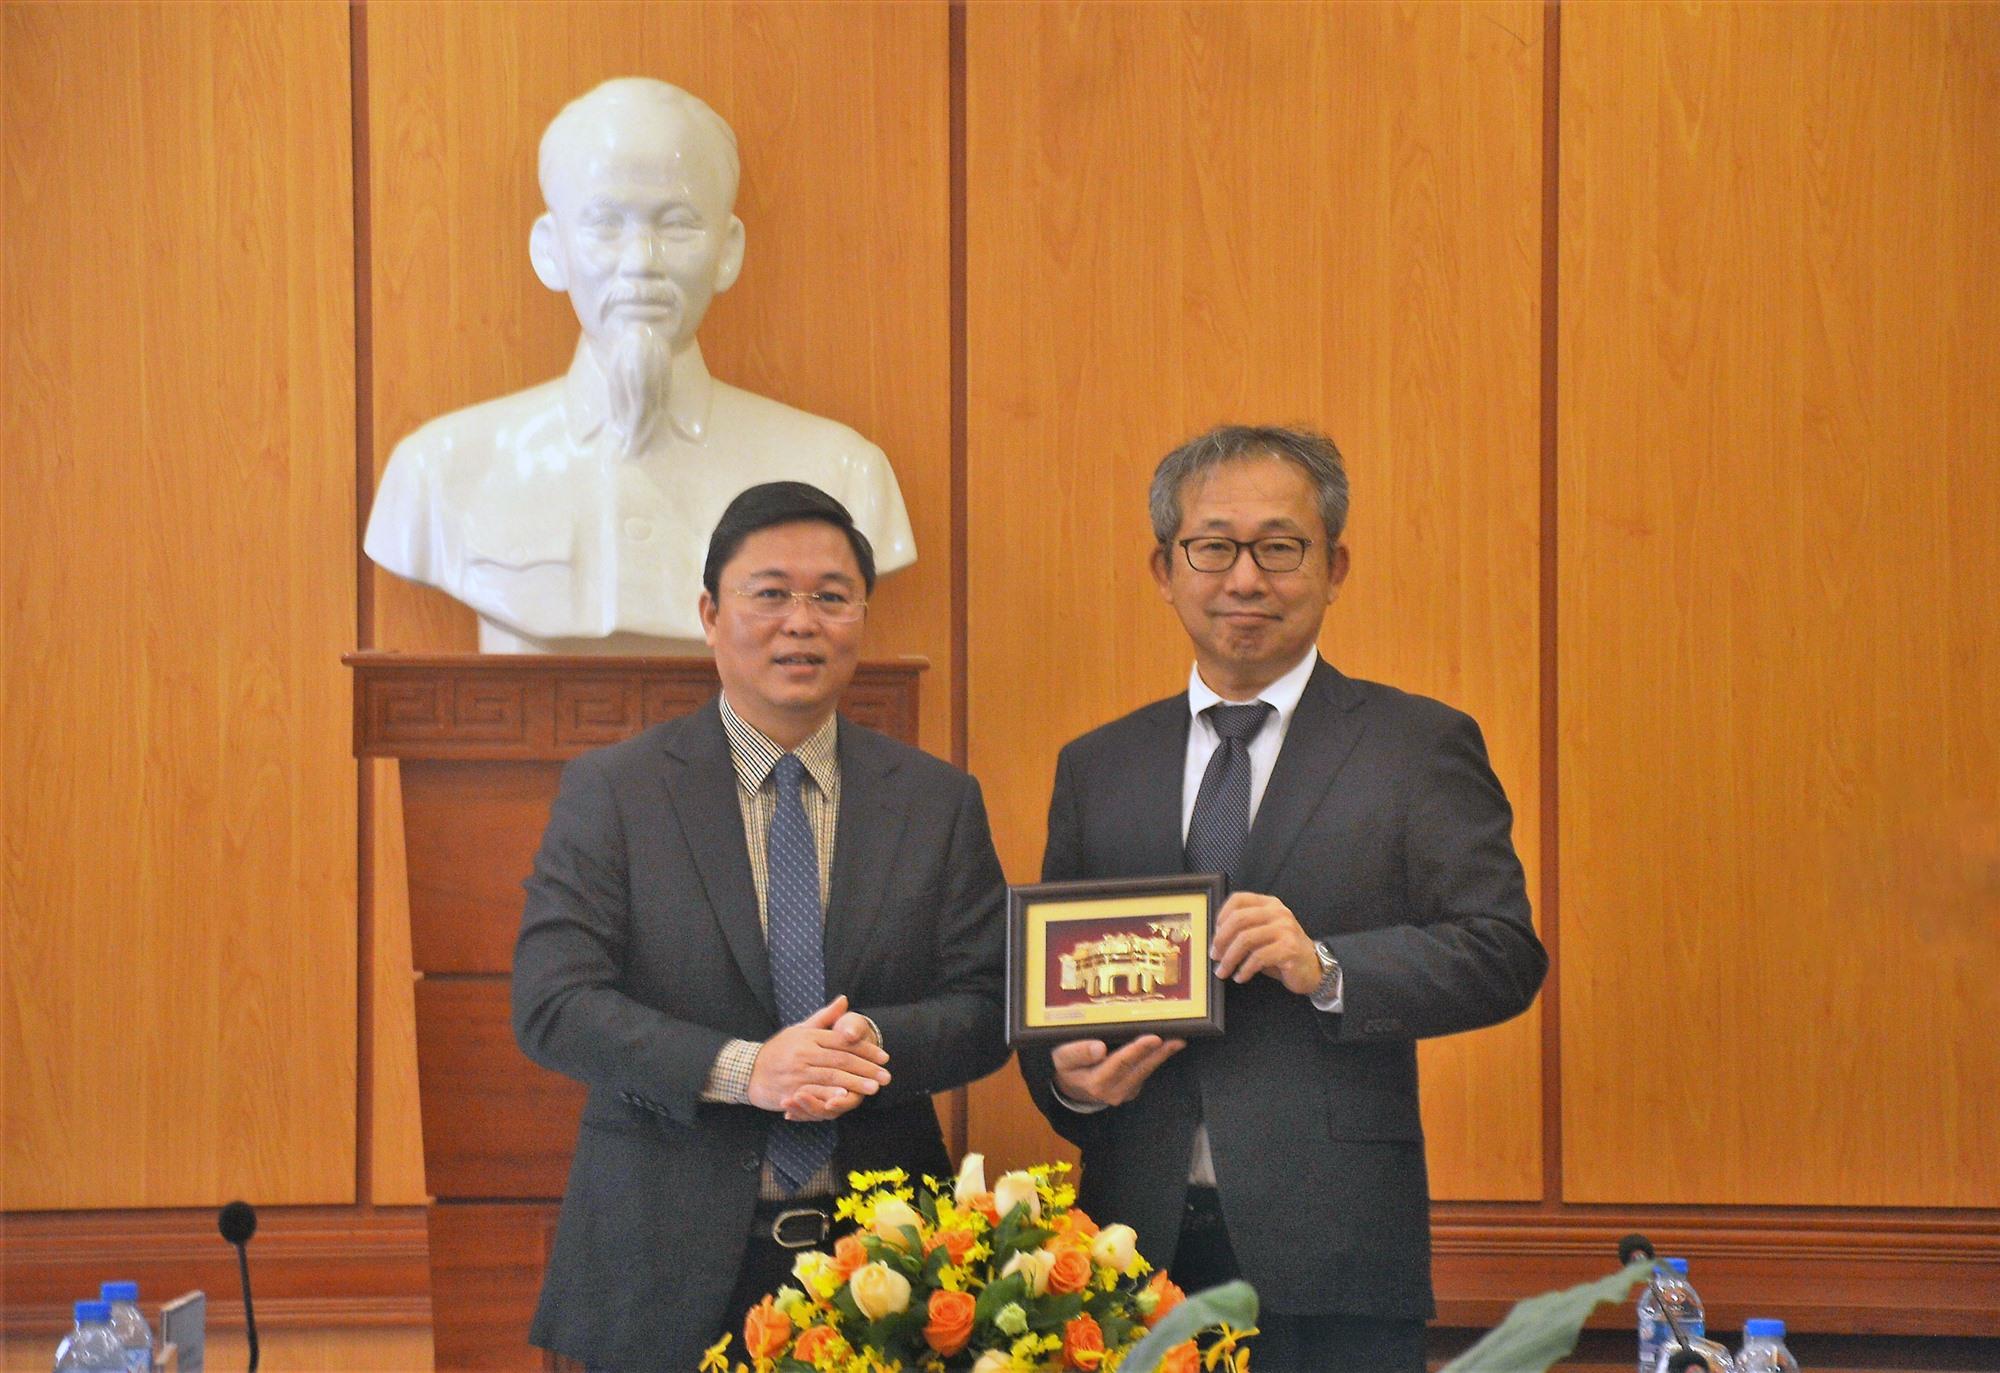 Chủ tịch UBND tỉnh Lê Trí Thanh tặng quà lưu niệm cho ngài đại sứ Yamada Takio. Ảnh: S.A